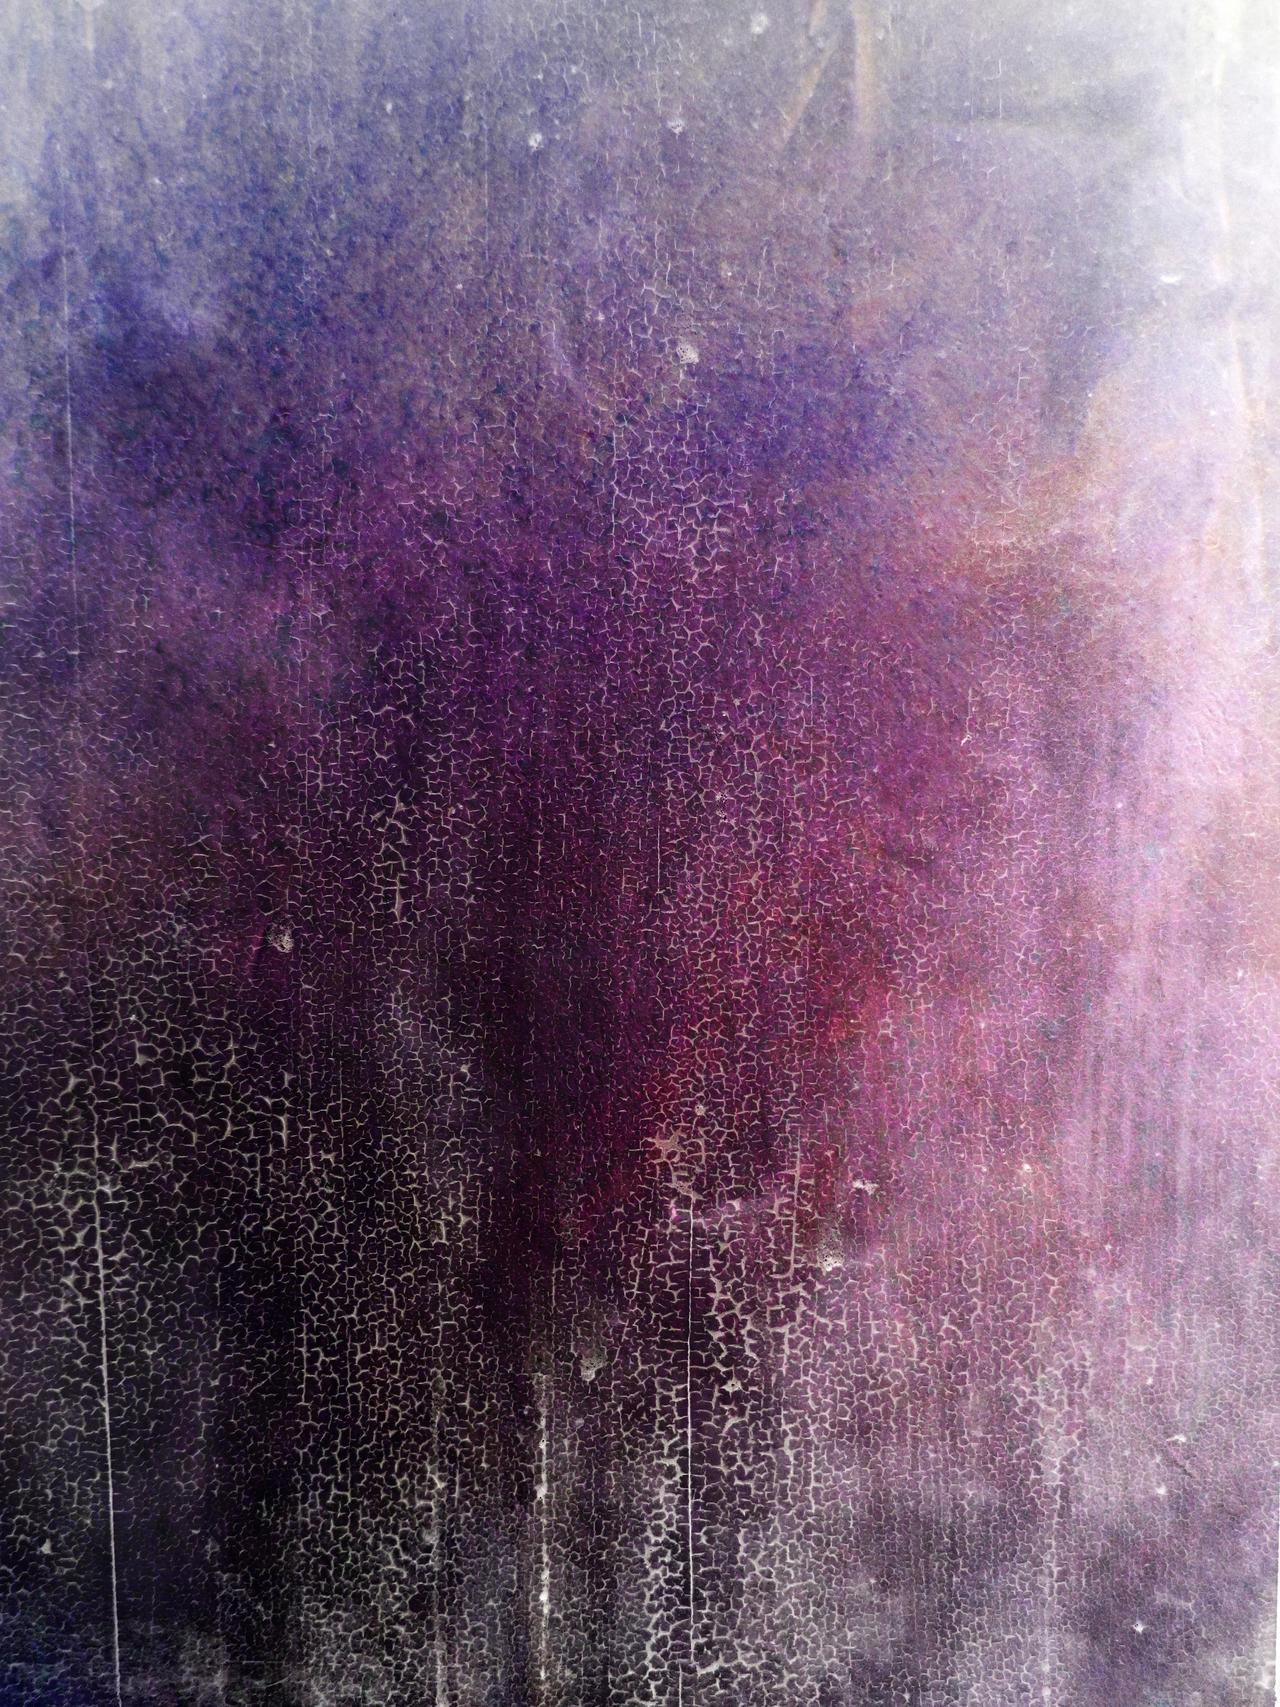 texture 194 by Sirius-sdz